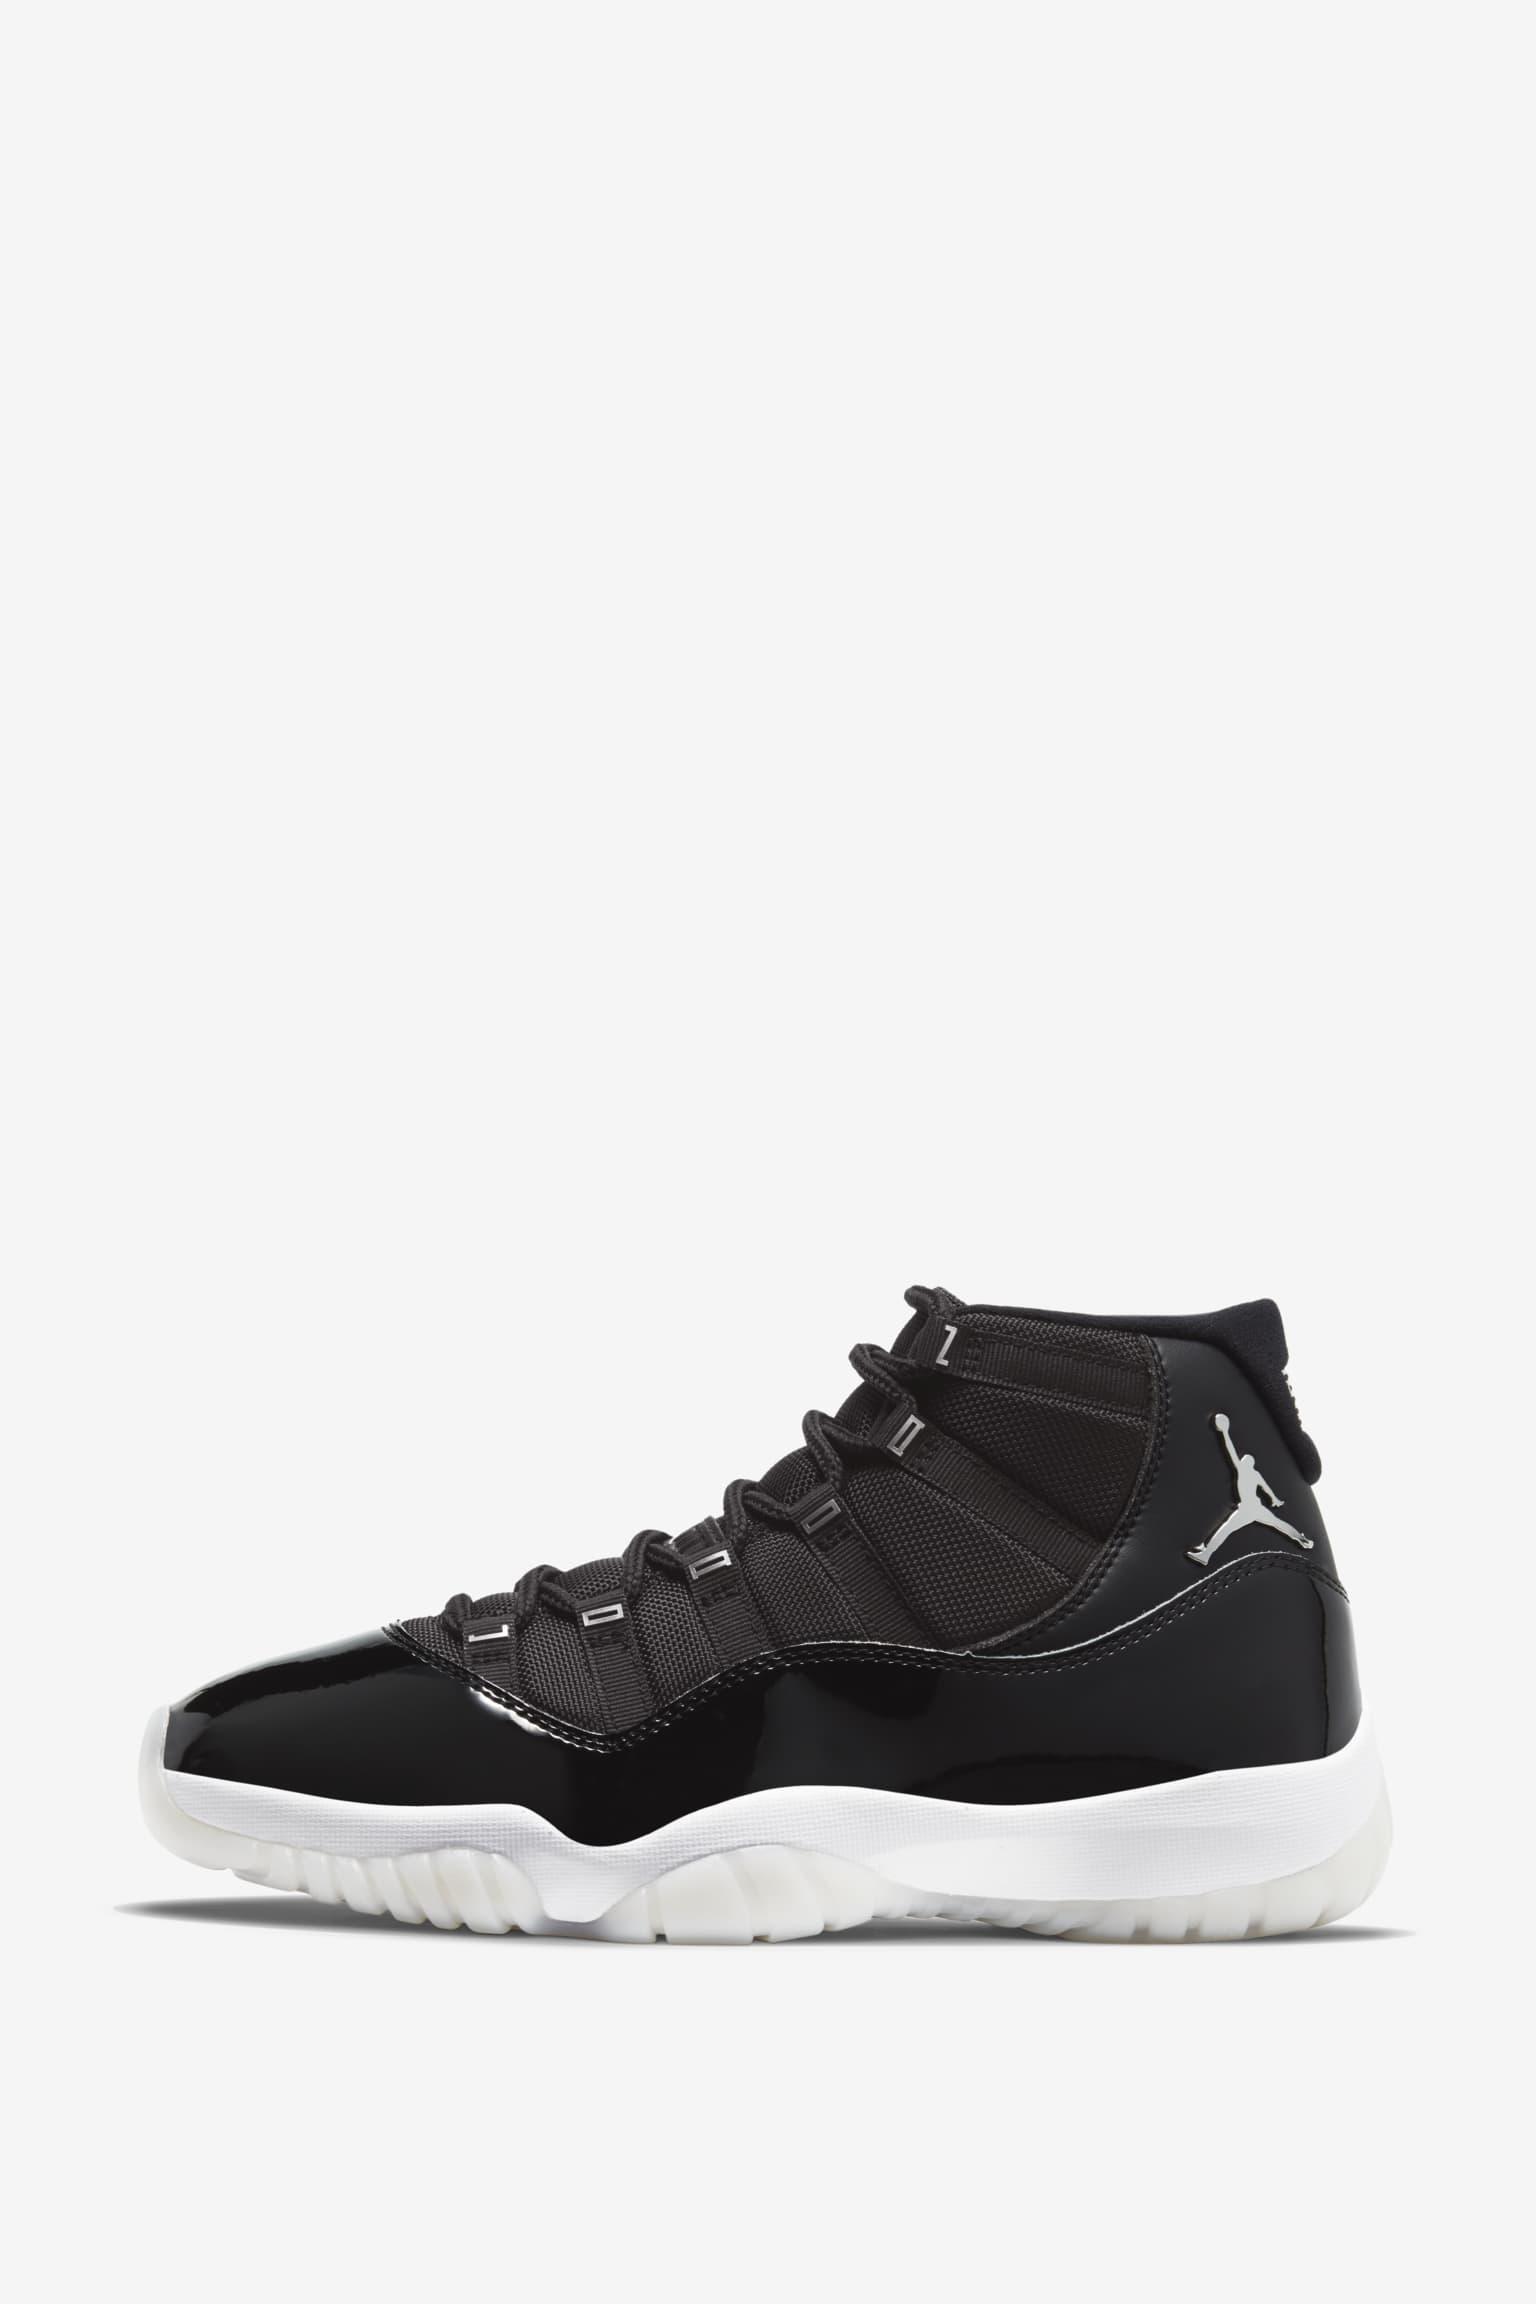 Air Jordan 11 'Jubilee' Release Date. Nike SNKRS IN